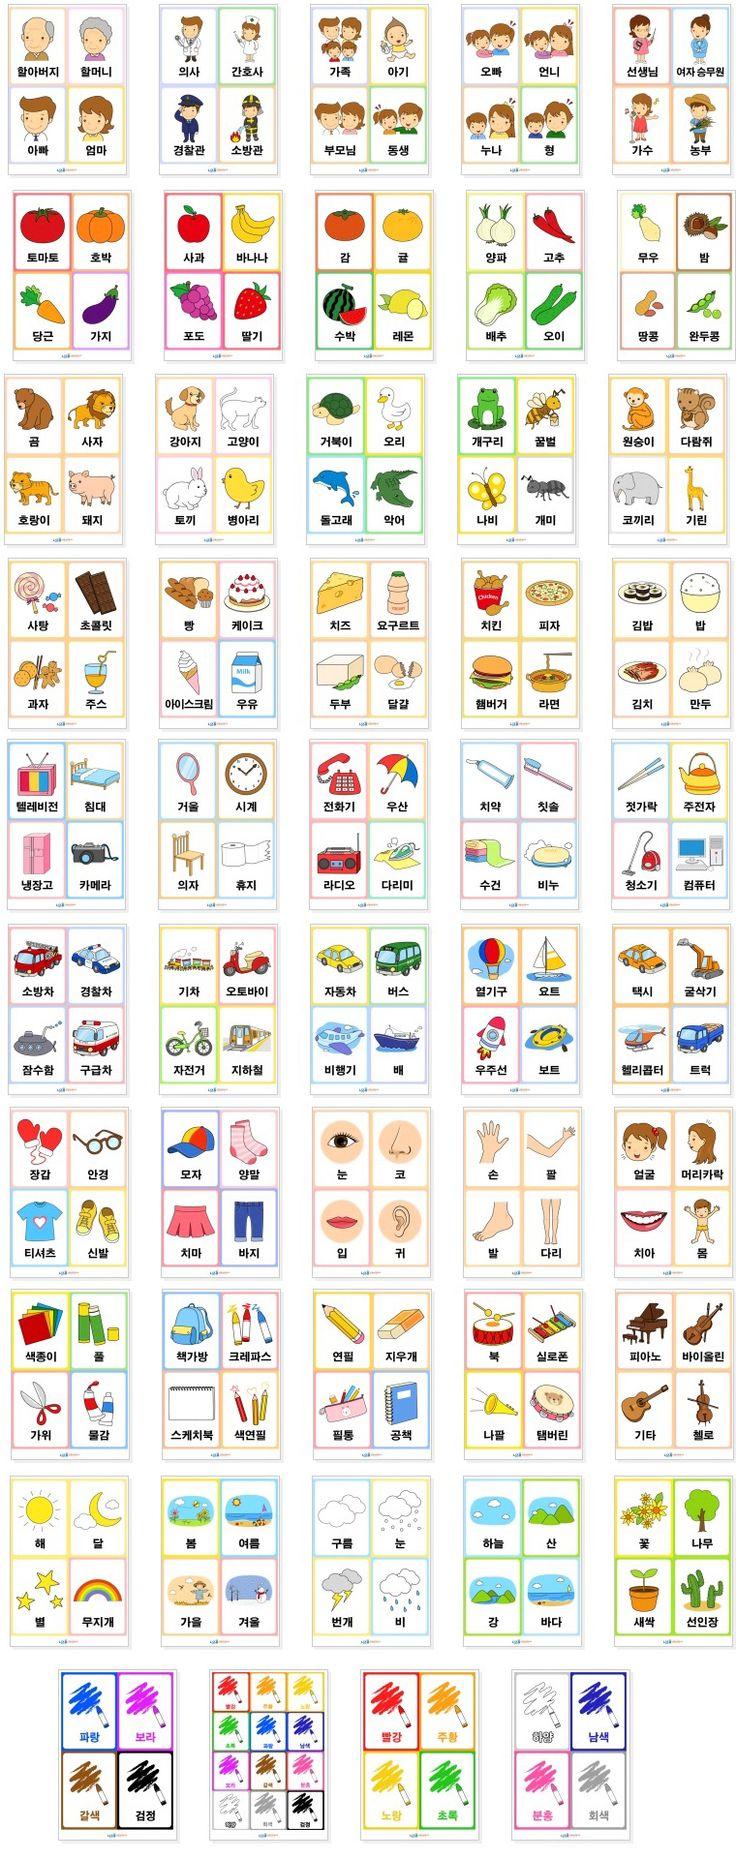 한글낱말카드 Hangul word cards